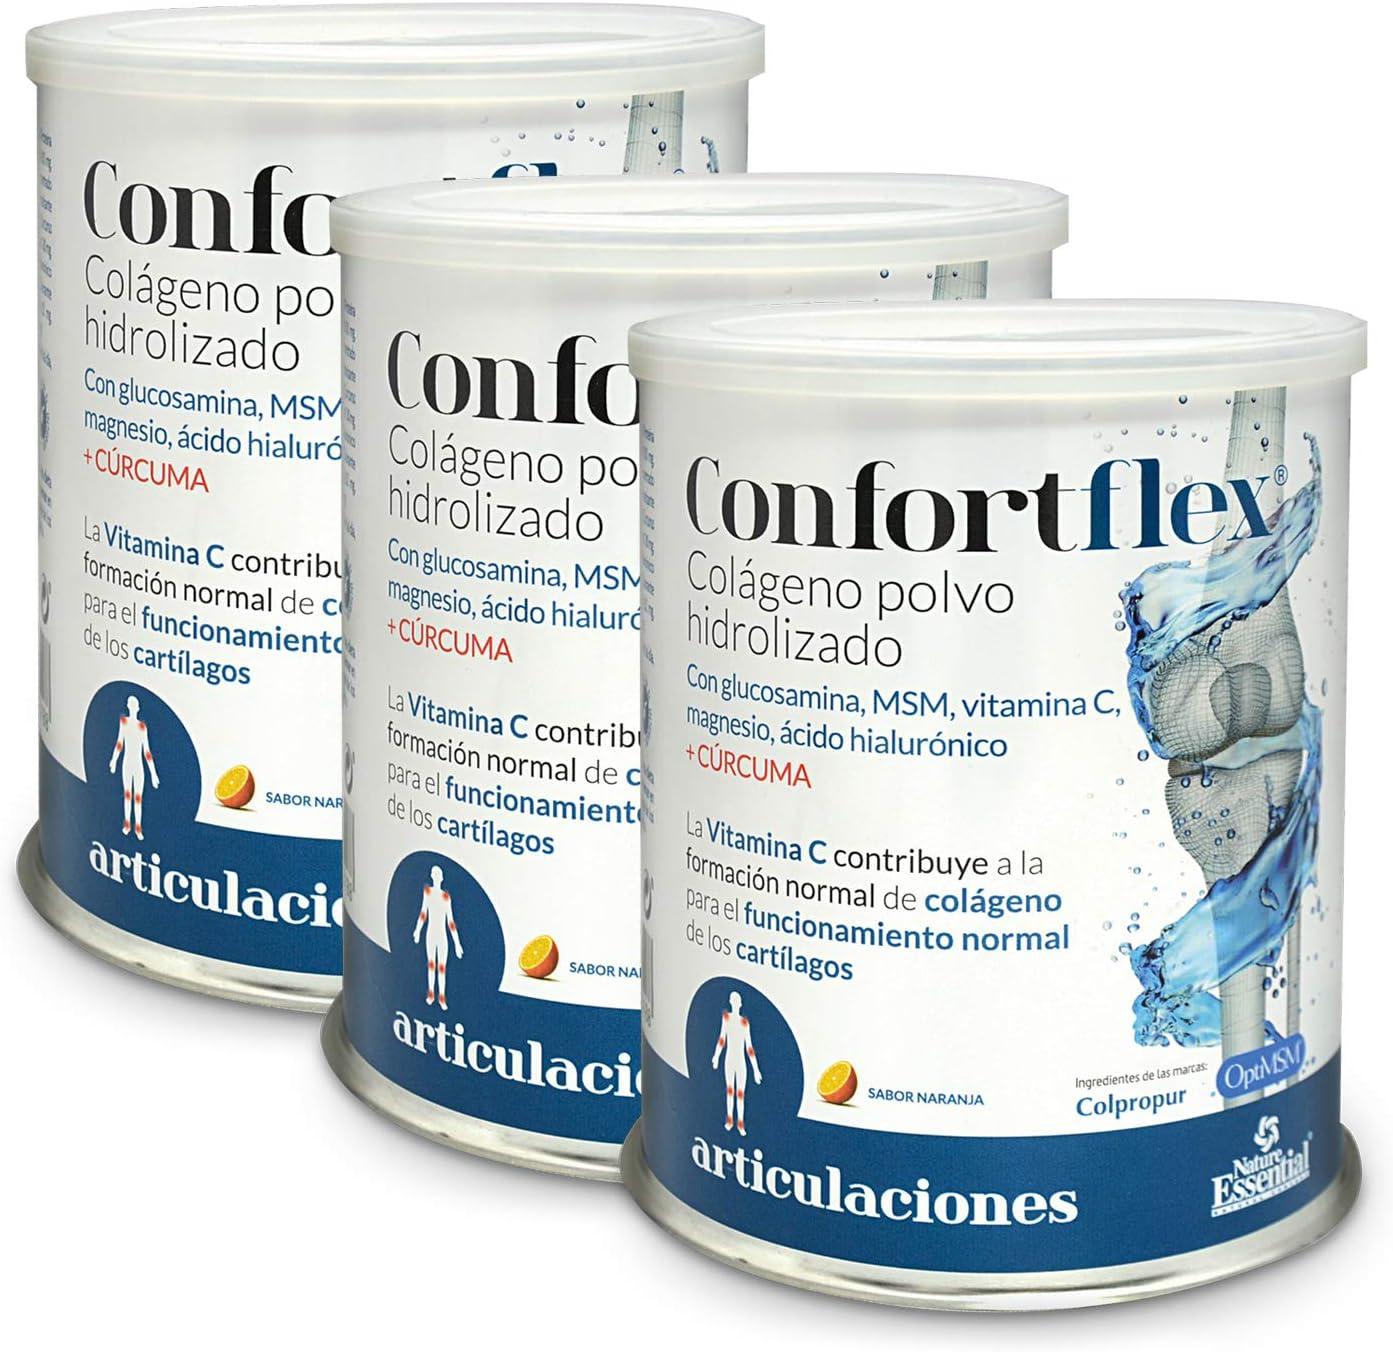 Confortflex® colágeno polvo hidrolizado con magnesio, glucosamina, MSM, silicio, vitamina C, zinc, ácido hialurónico, vit. B-3, vit. B-5, vit. B-6 y cúrcuma – 390 gramos, 30 días. (Pack 3 unid.): Amazon.es: Salud